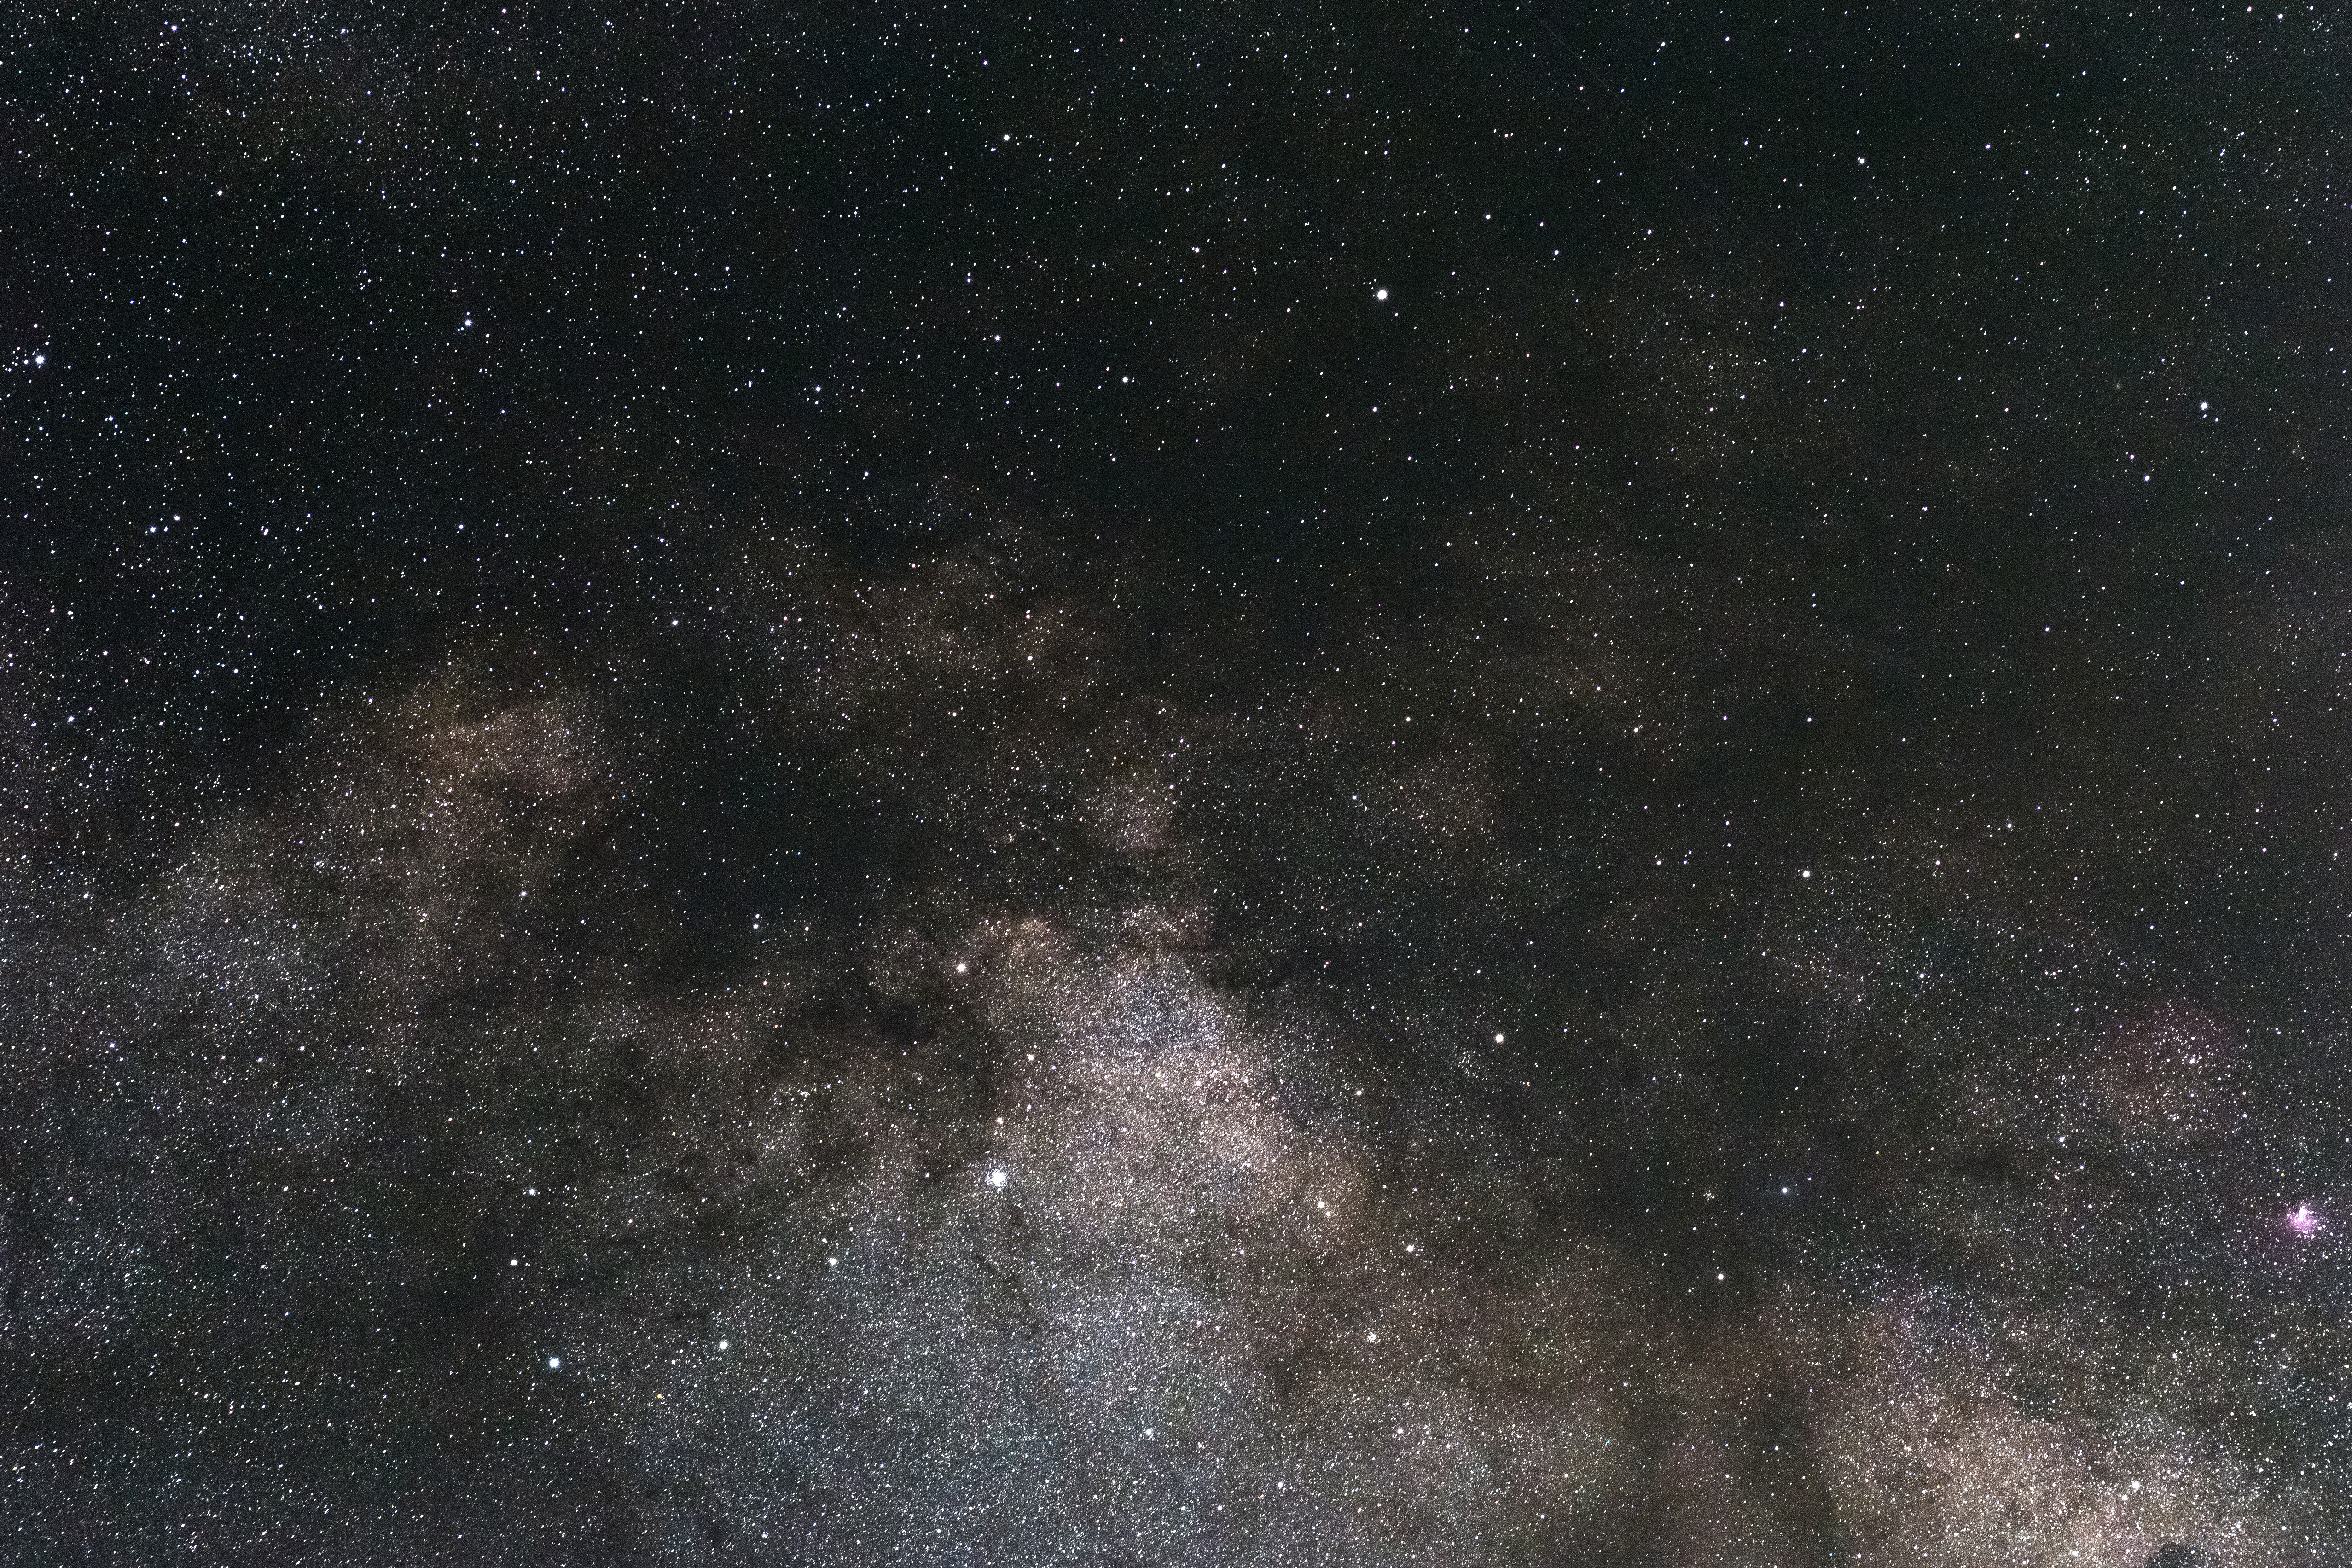 Free stock photo of nature, sky, night, dark